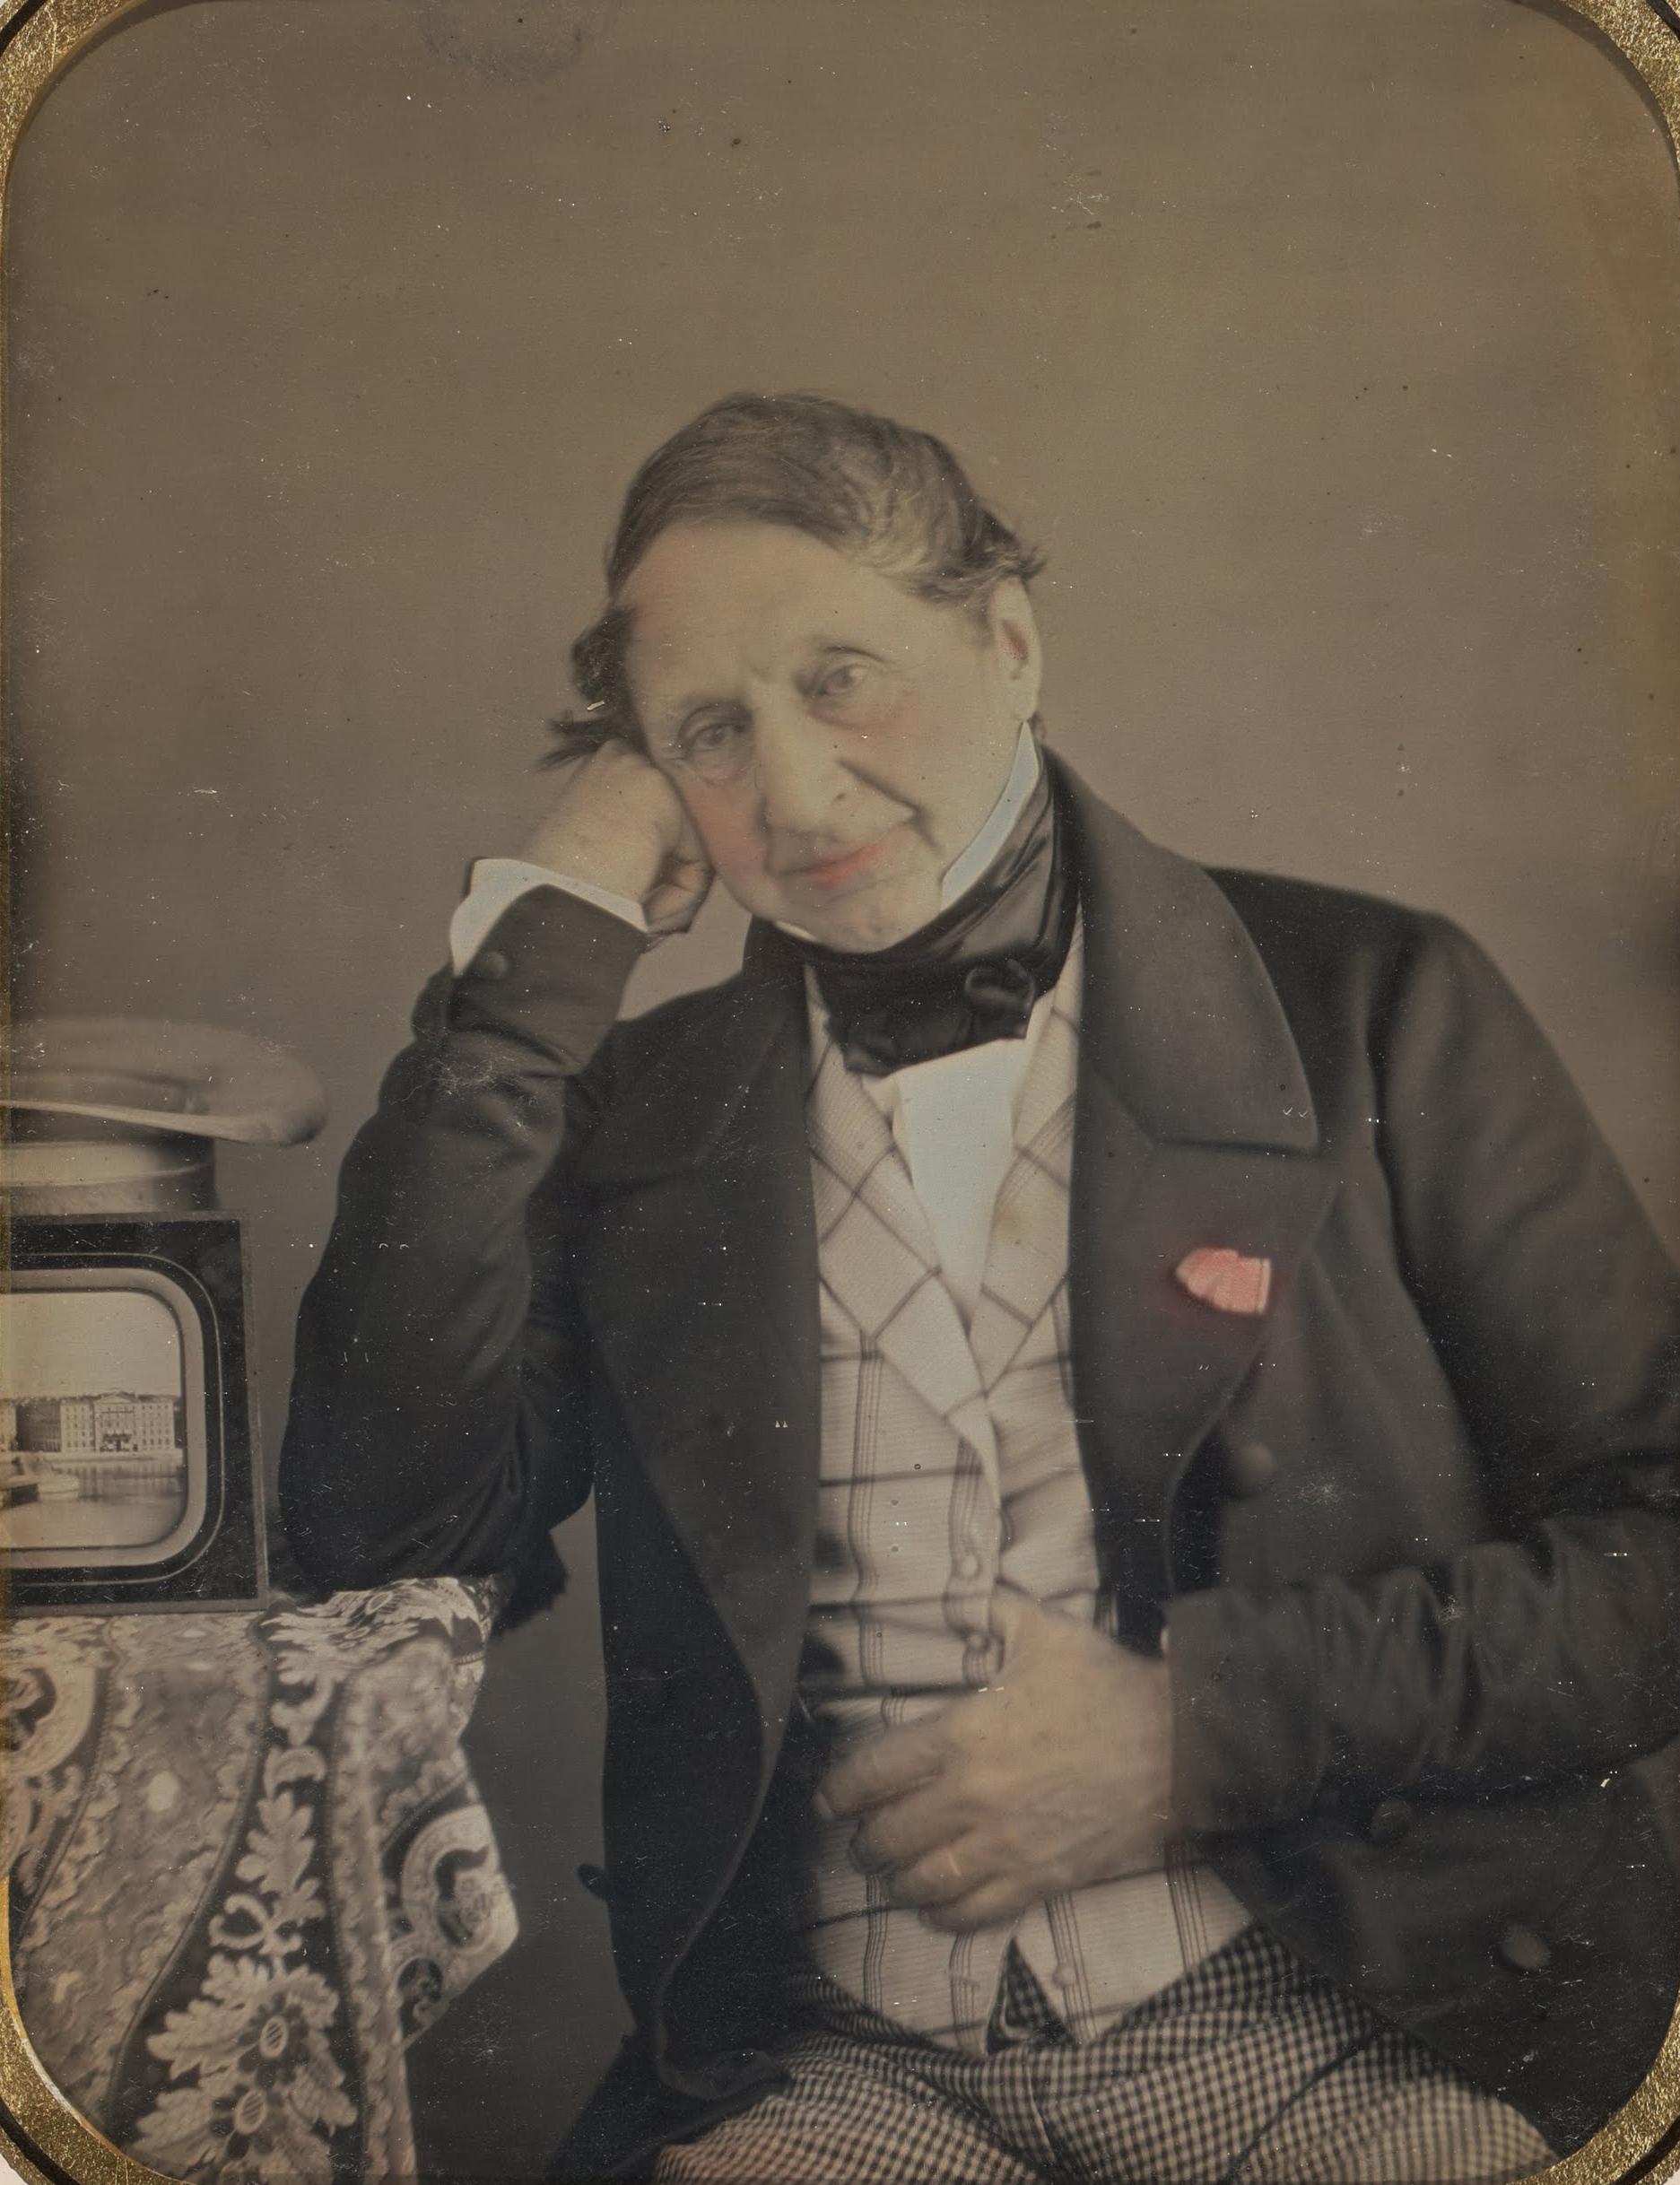 Image of Jean-Gabriel Eynard from Wikidata